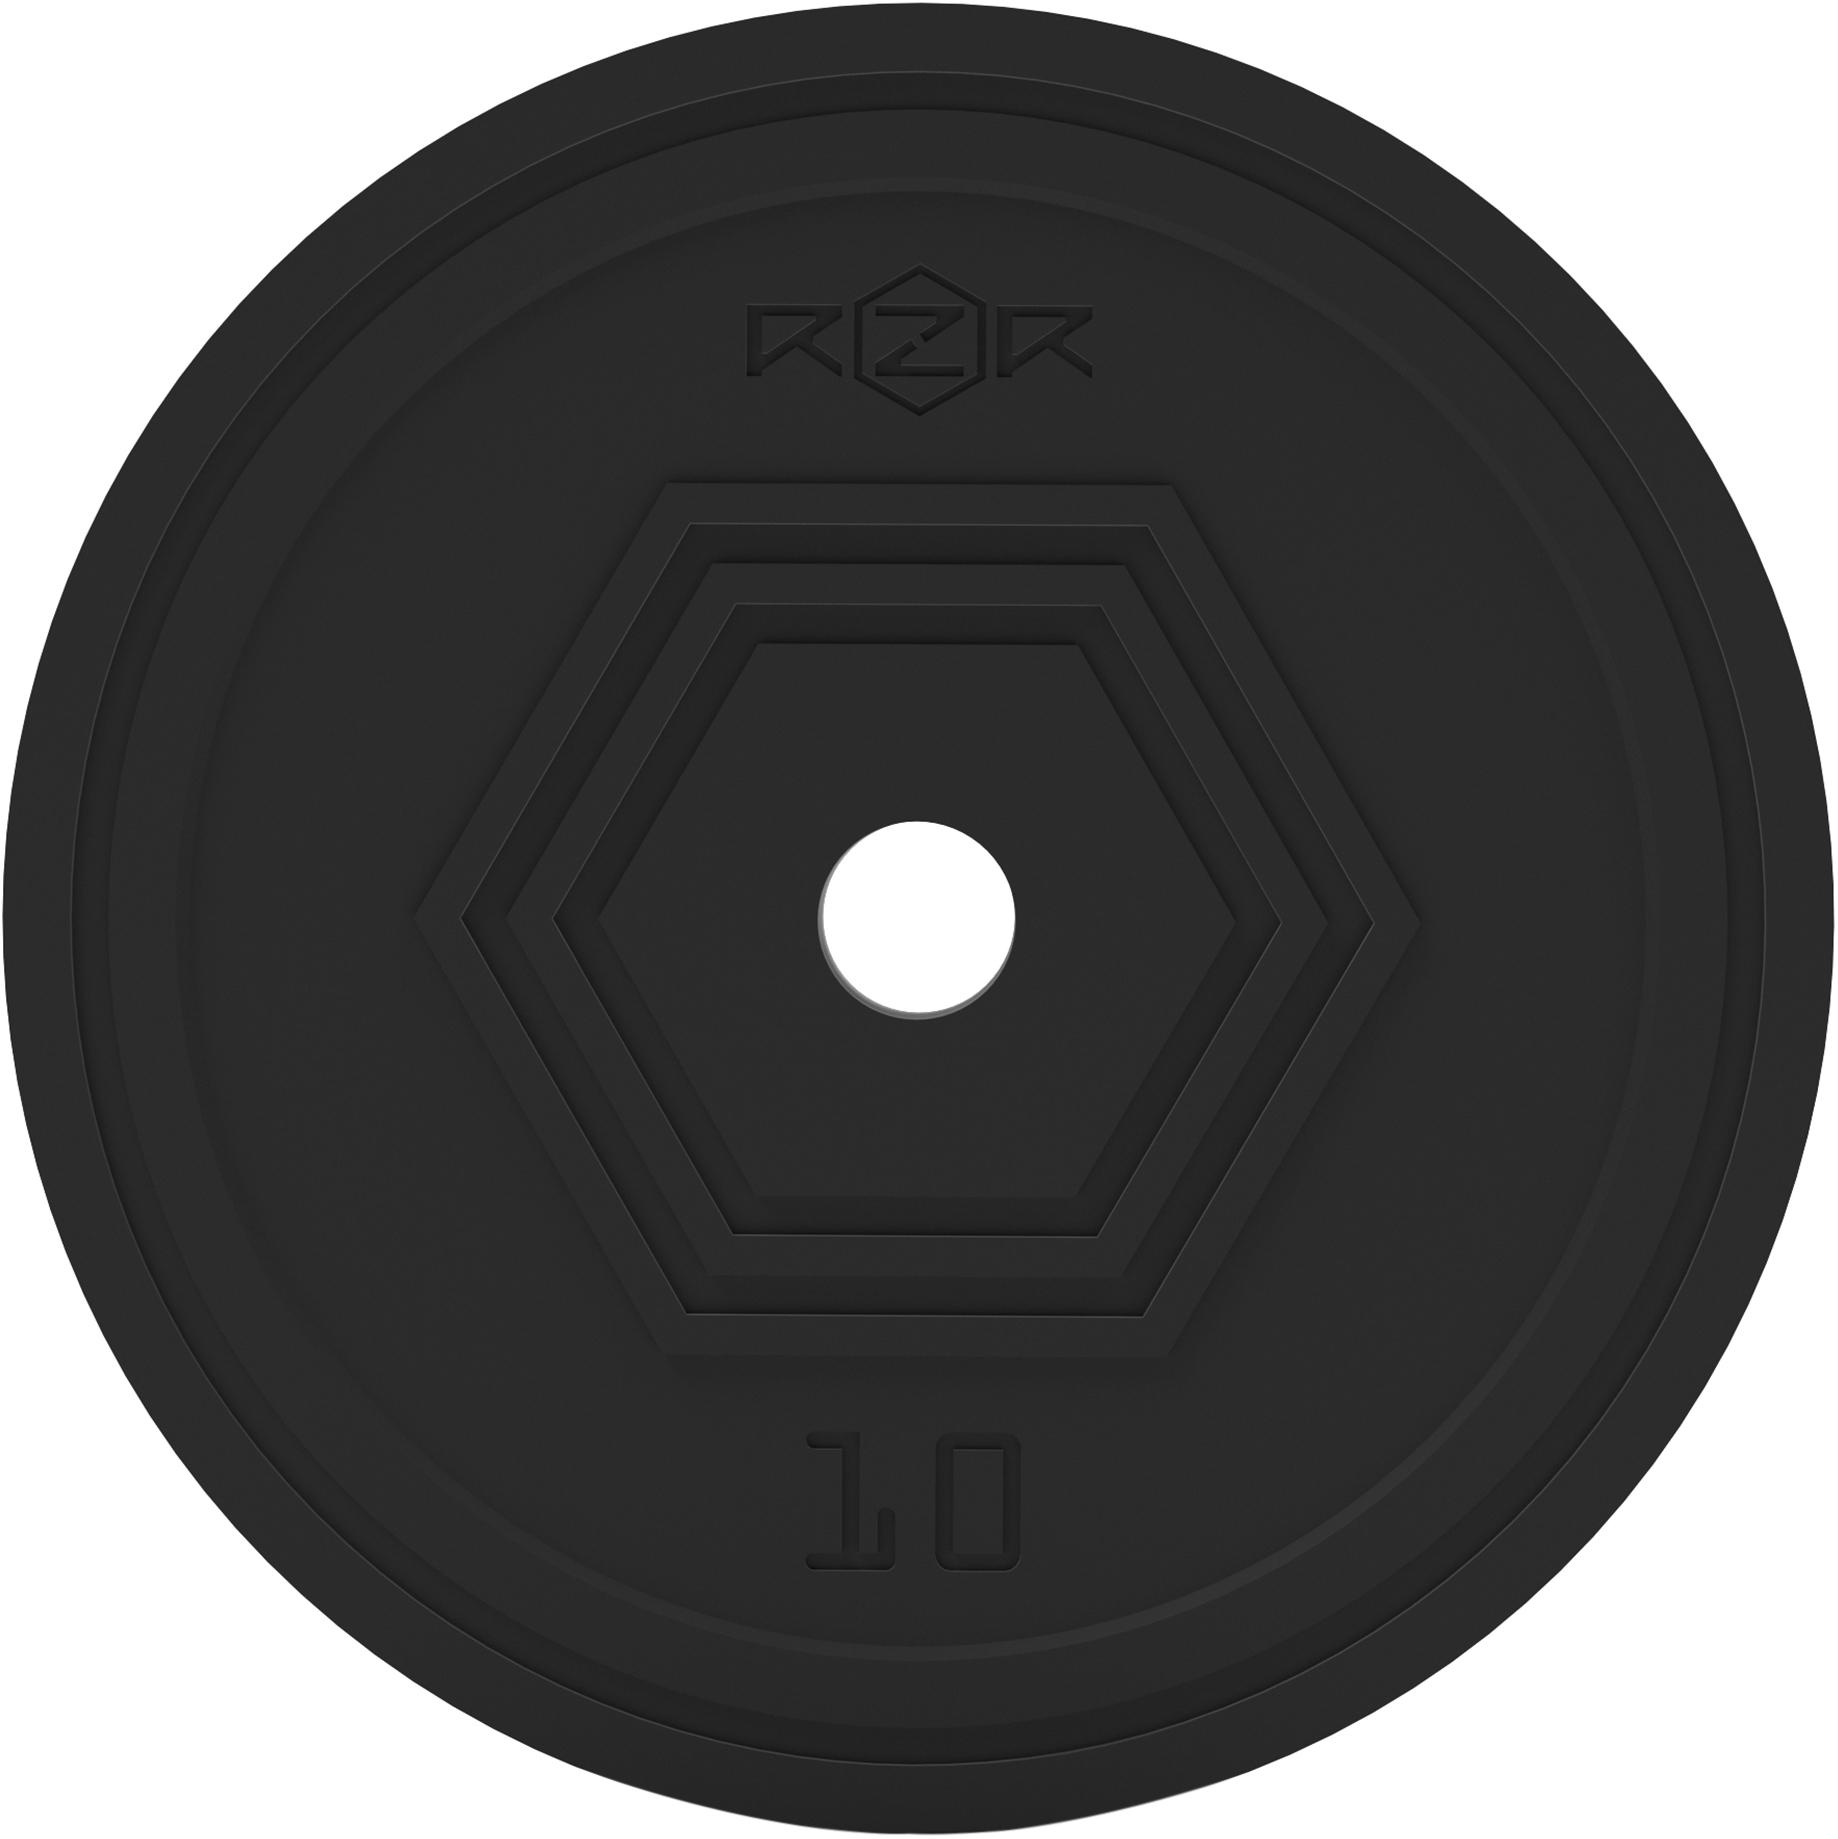 RZR Блин стальной обрезиненный, 10 кг -R100 rzr блин стальной обрезиненный rzr 20 кг